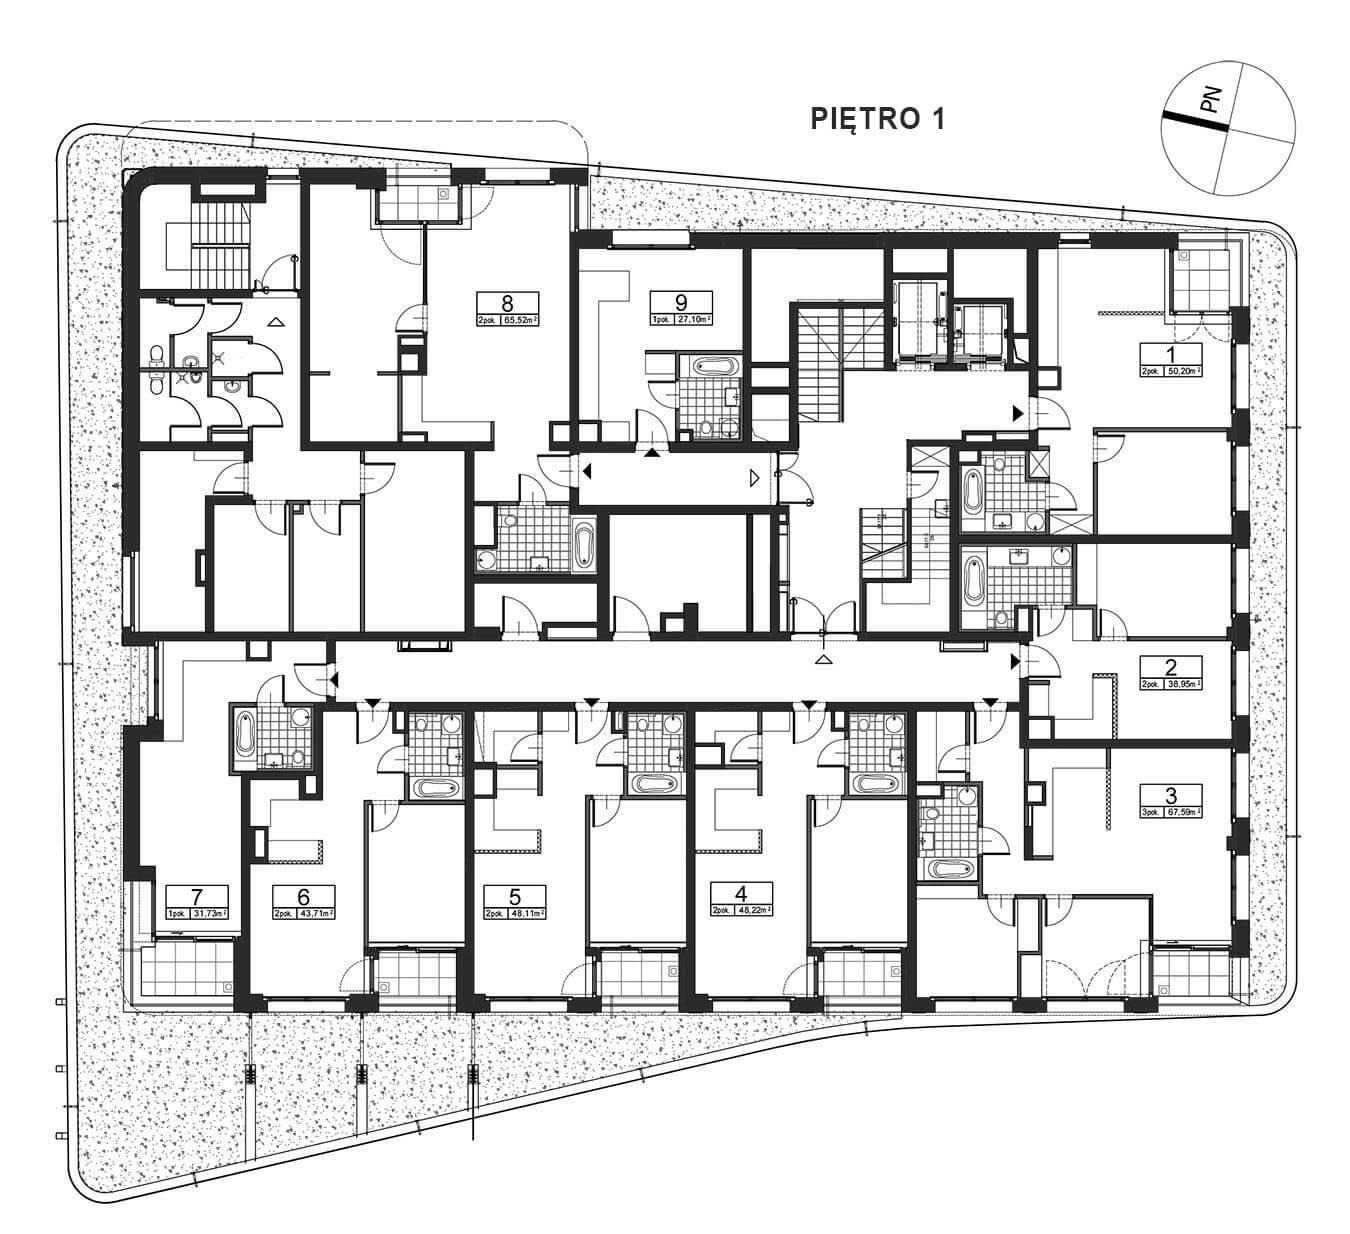 Górnośląska 6 - Piętro 1